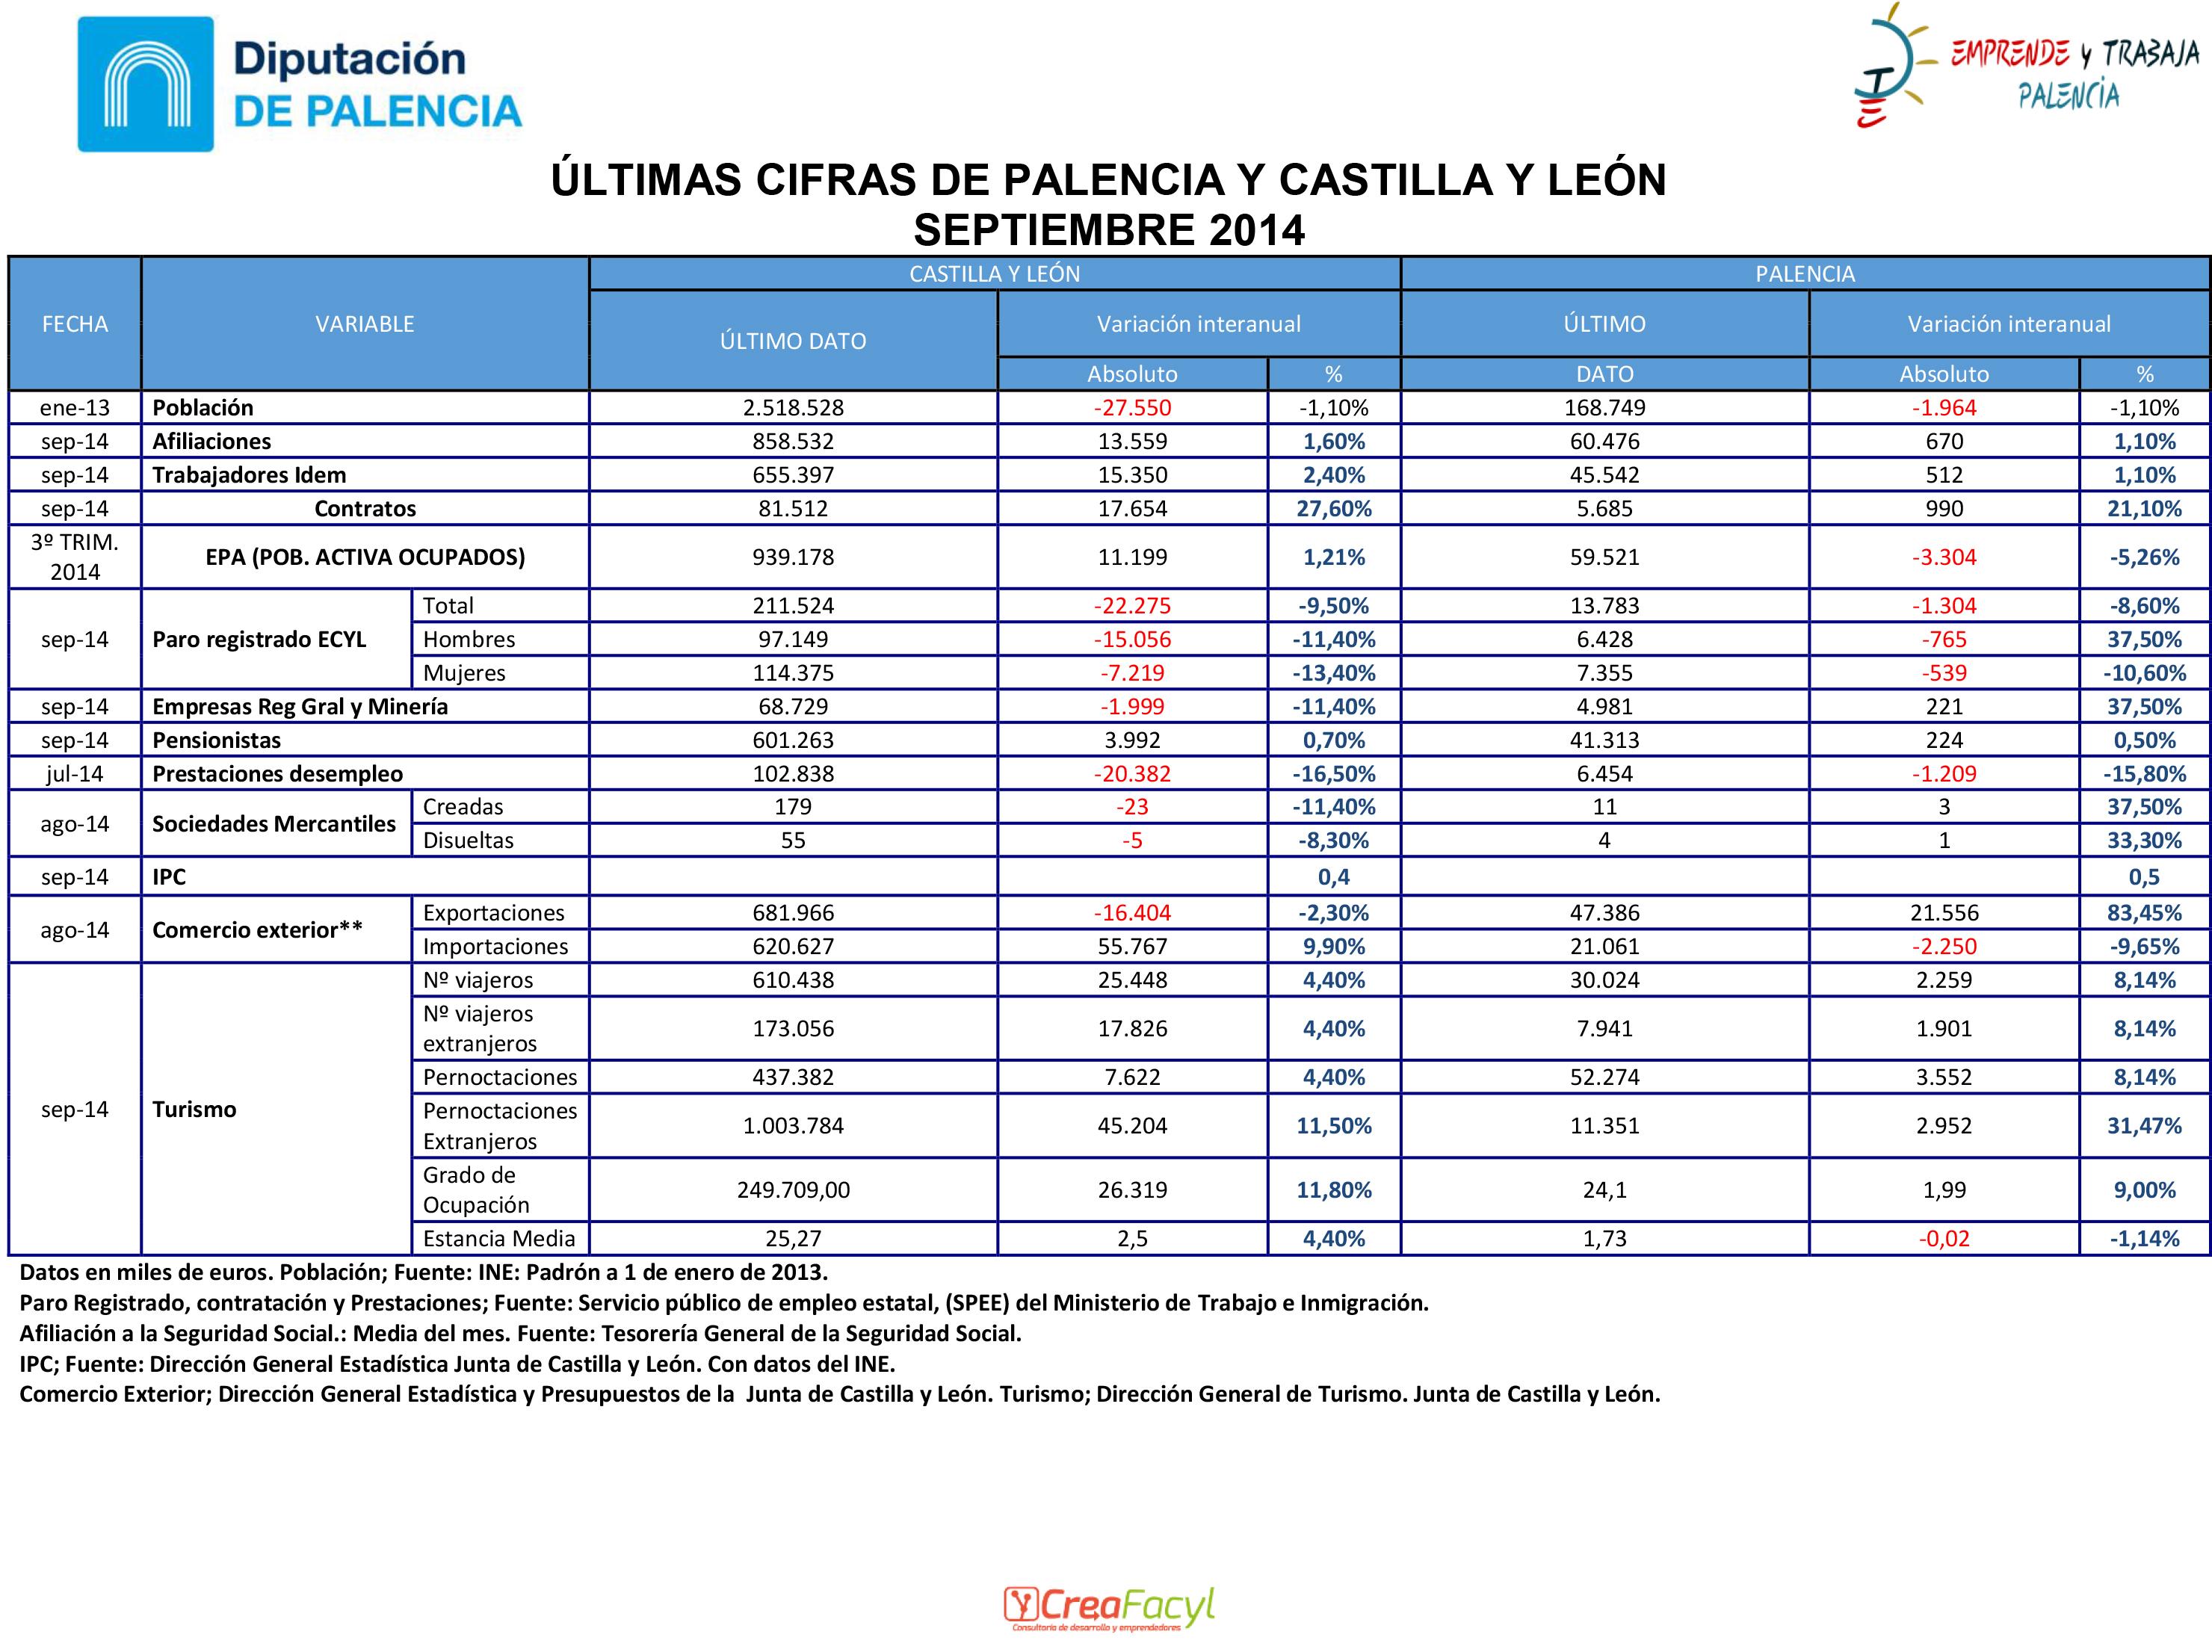 ÚLTIMAS CIFRAS DE PALENCIA Y CASTILLA Y LEÓN OCTUBRE 2010 Creafacyl